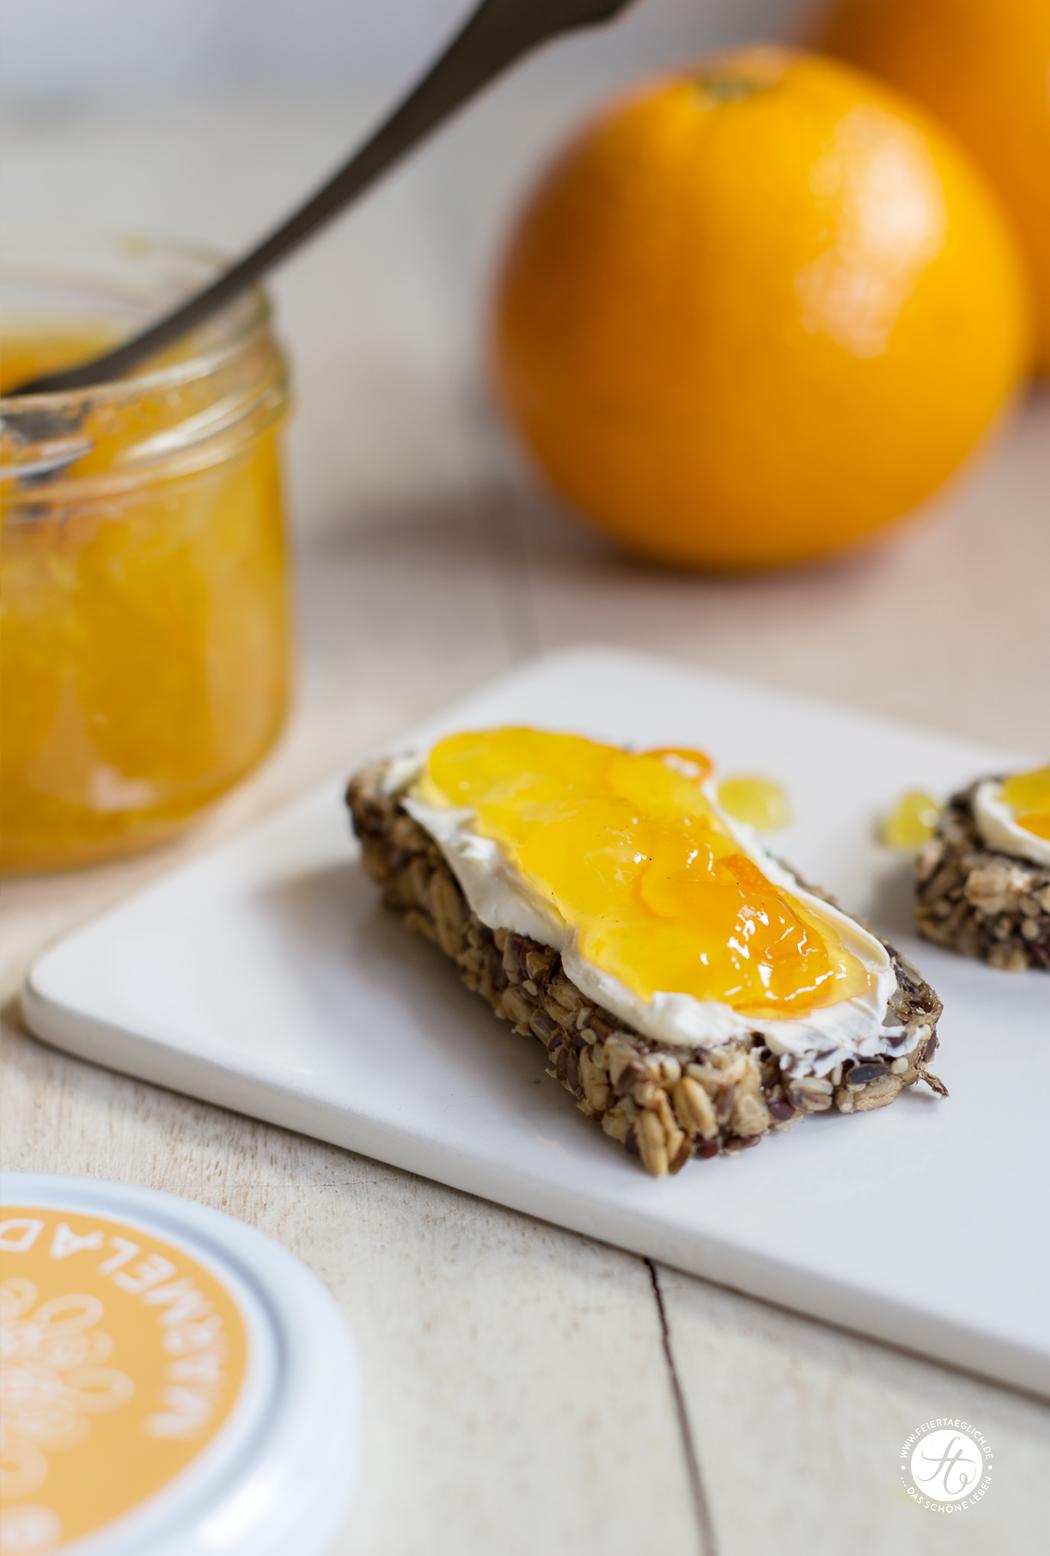 Orangen-Vanille Marmelade auf gesundem Brot, Rezept für leckere Konfitüre ohne Zucker, free printable Labels